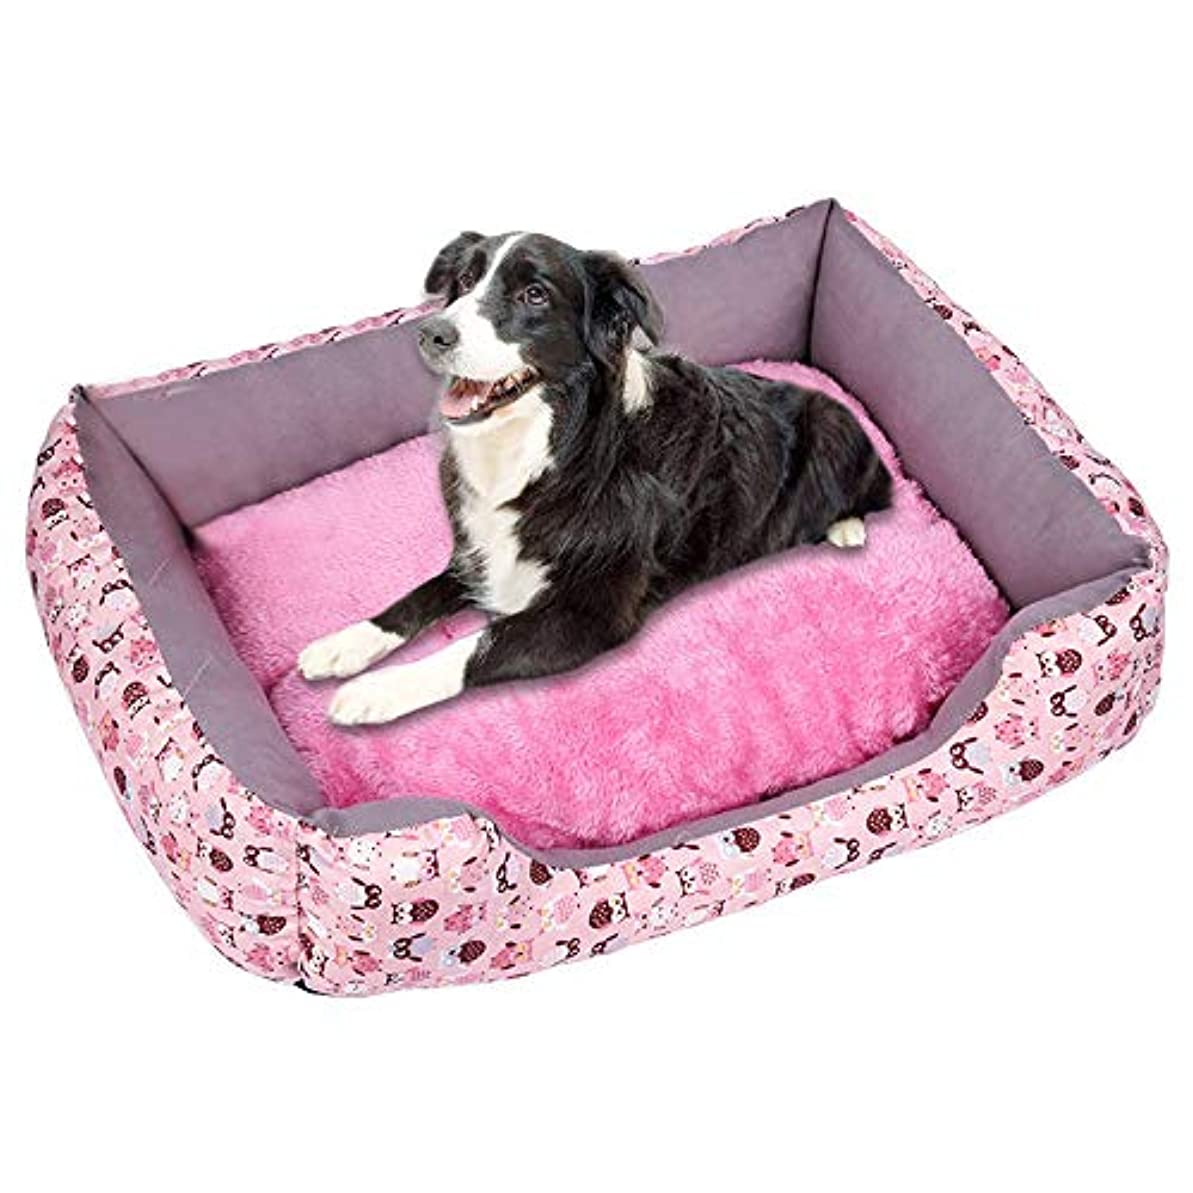 壮大な攻撃的行動プラスベルベット肥厚ペットの巣 柔らかいペット犬猫ベッド子犬クッションハウスペットソフト暖かい犬小屋犬マットブランケット 犬小屋 ペットハウス ペットネスト 犬舎 柔らかくて温かく 快適で通気性があります (B, S)